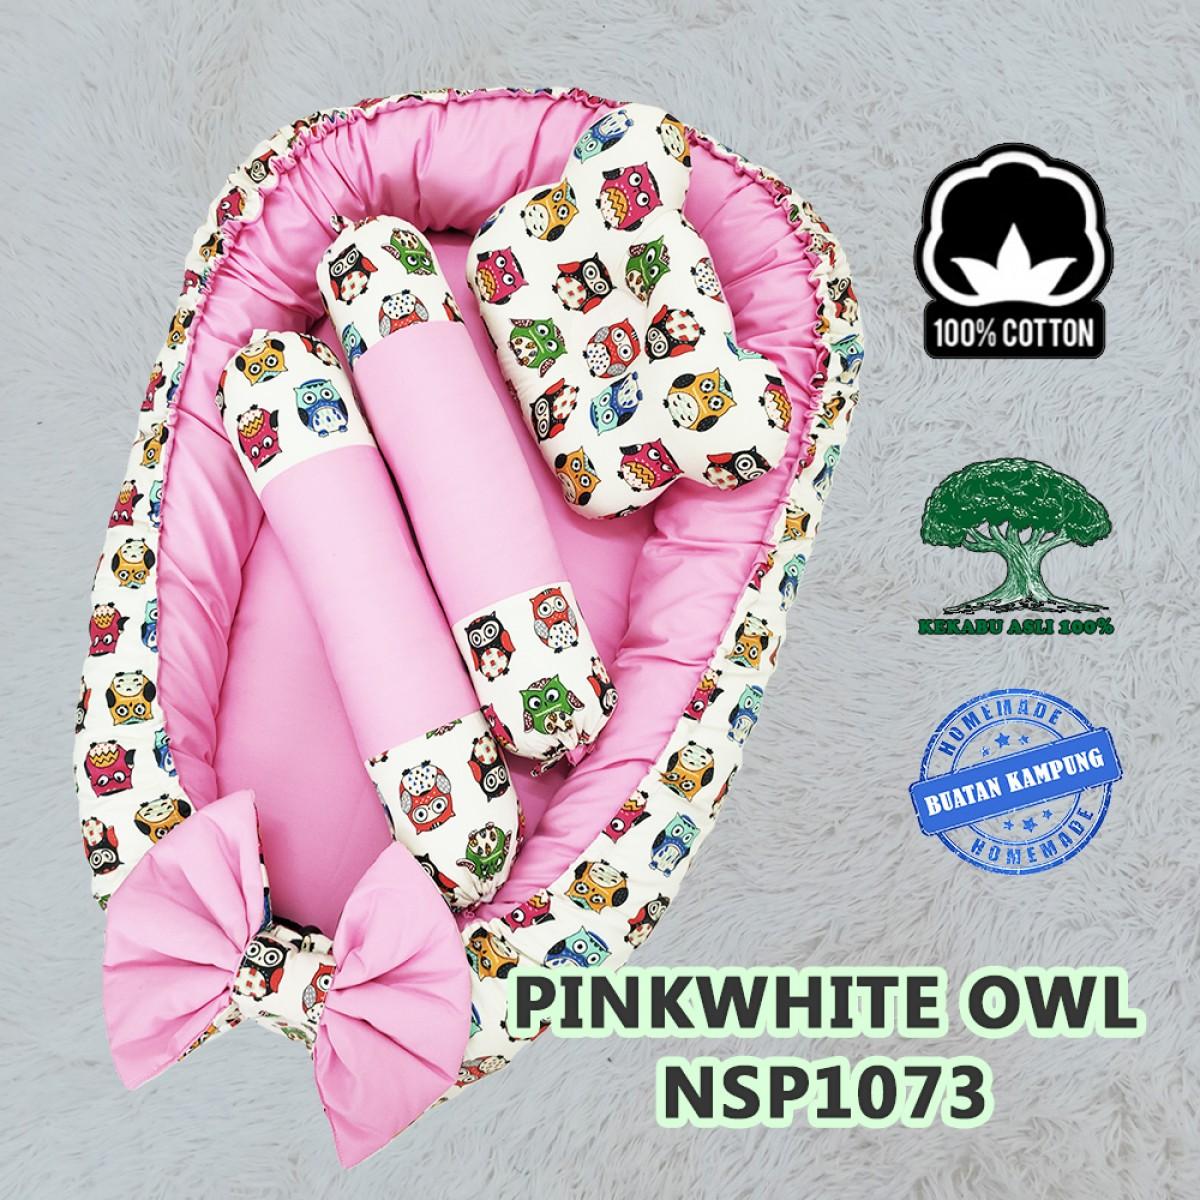 Pink White Owl - Kico Baby Center